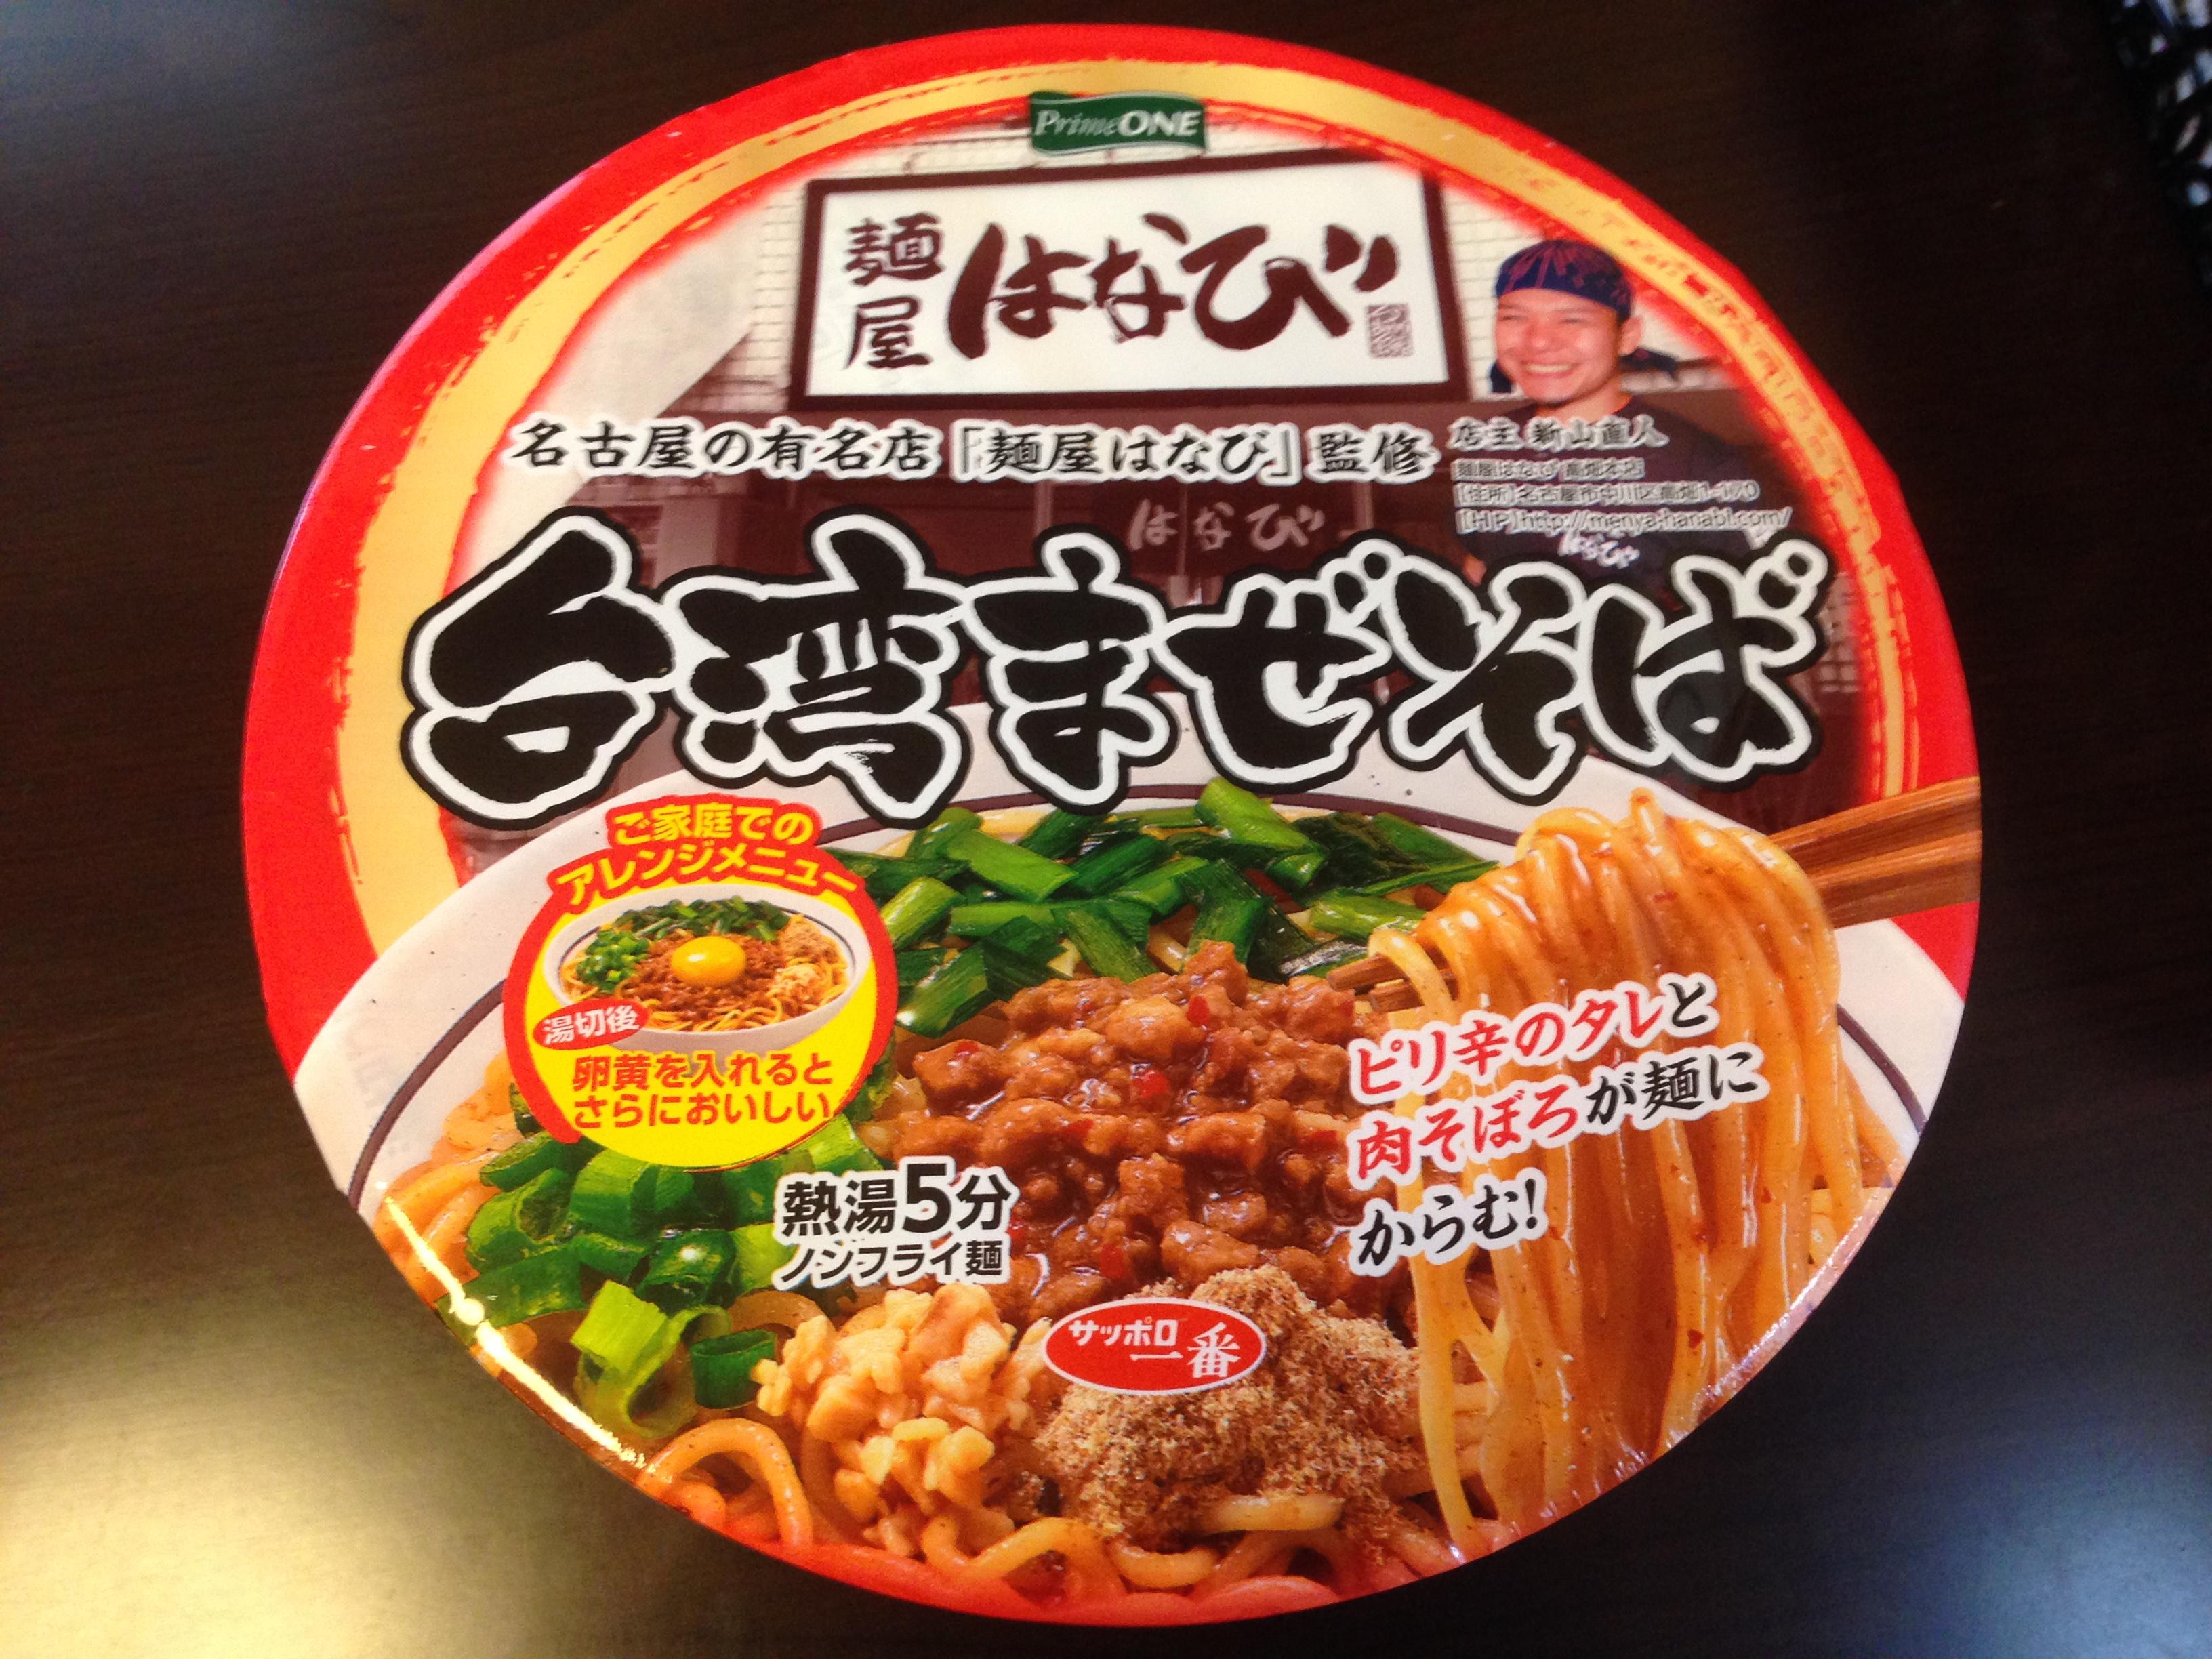 東海限定カップ麺「麺屋はなび 台湾まぜそば」が異様に美味い件。